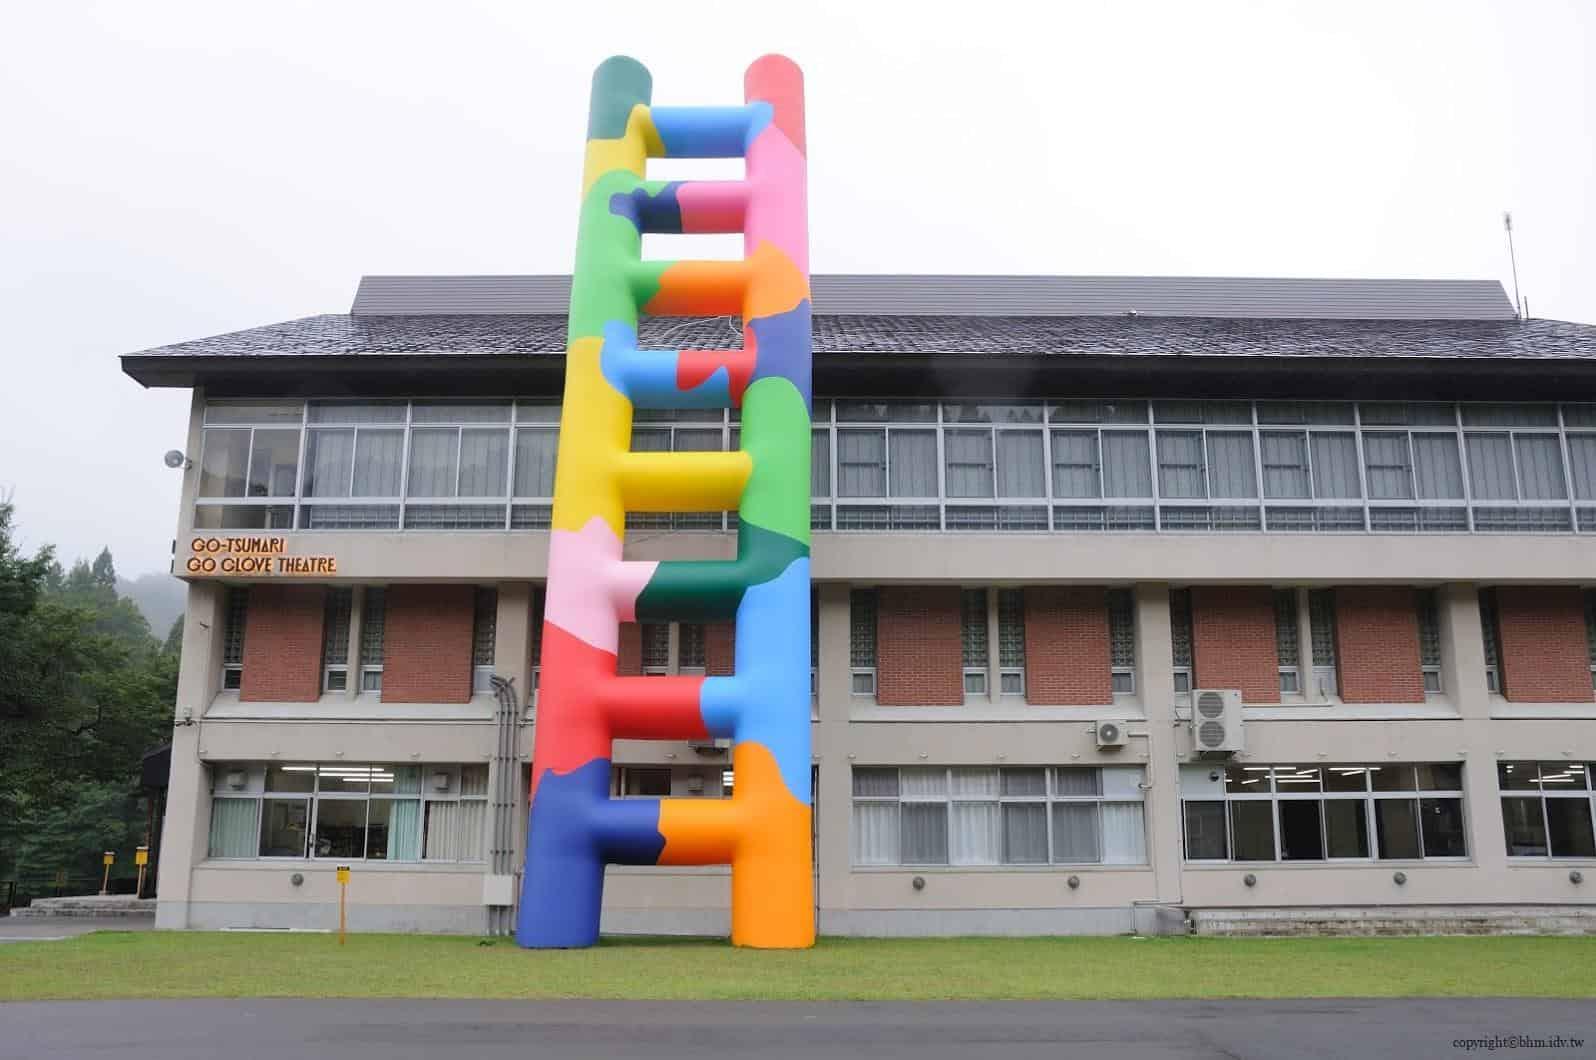 豊田恒行,越後妻有「上鄉劇場館」,側面的五彩大型充氣梯子為建築物增加童趣 越後妻有「上鄉劇場館」 越後妻有「上鄉劇場館」 Echigo Tsumari Kamigo Clove Theatre 05